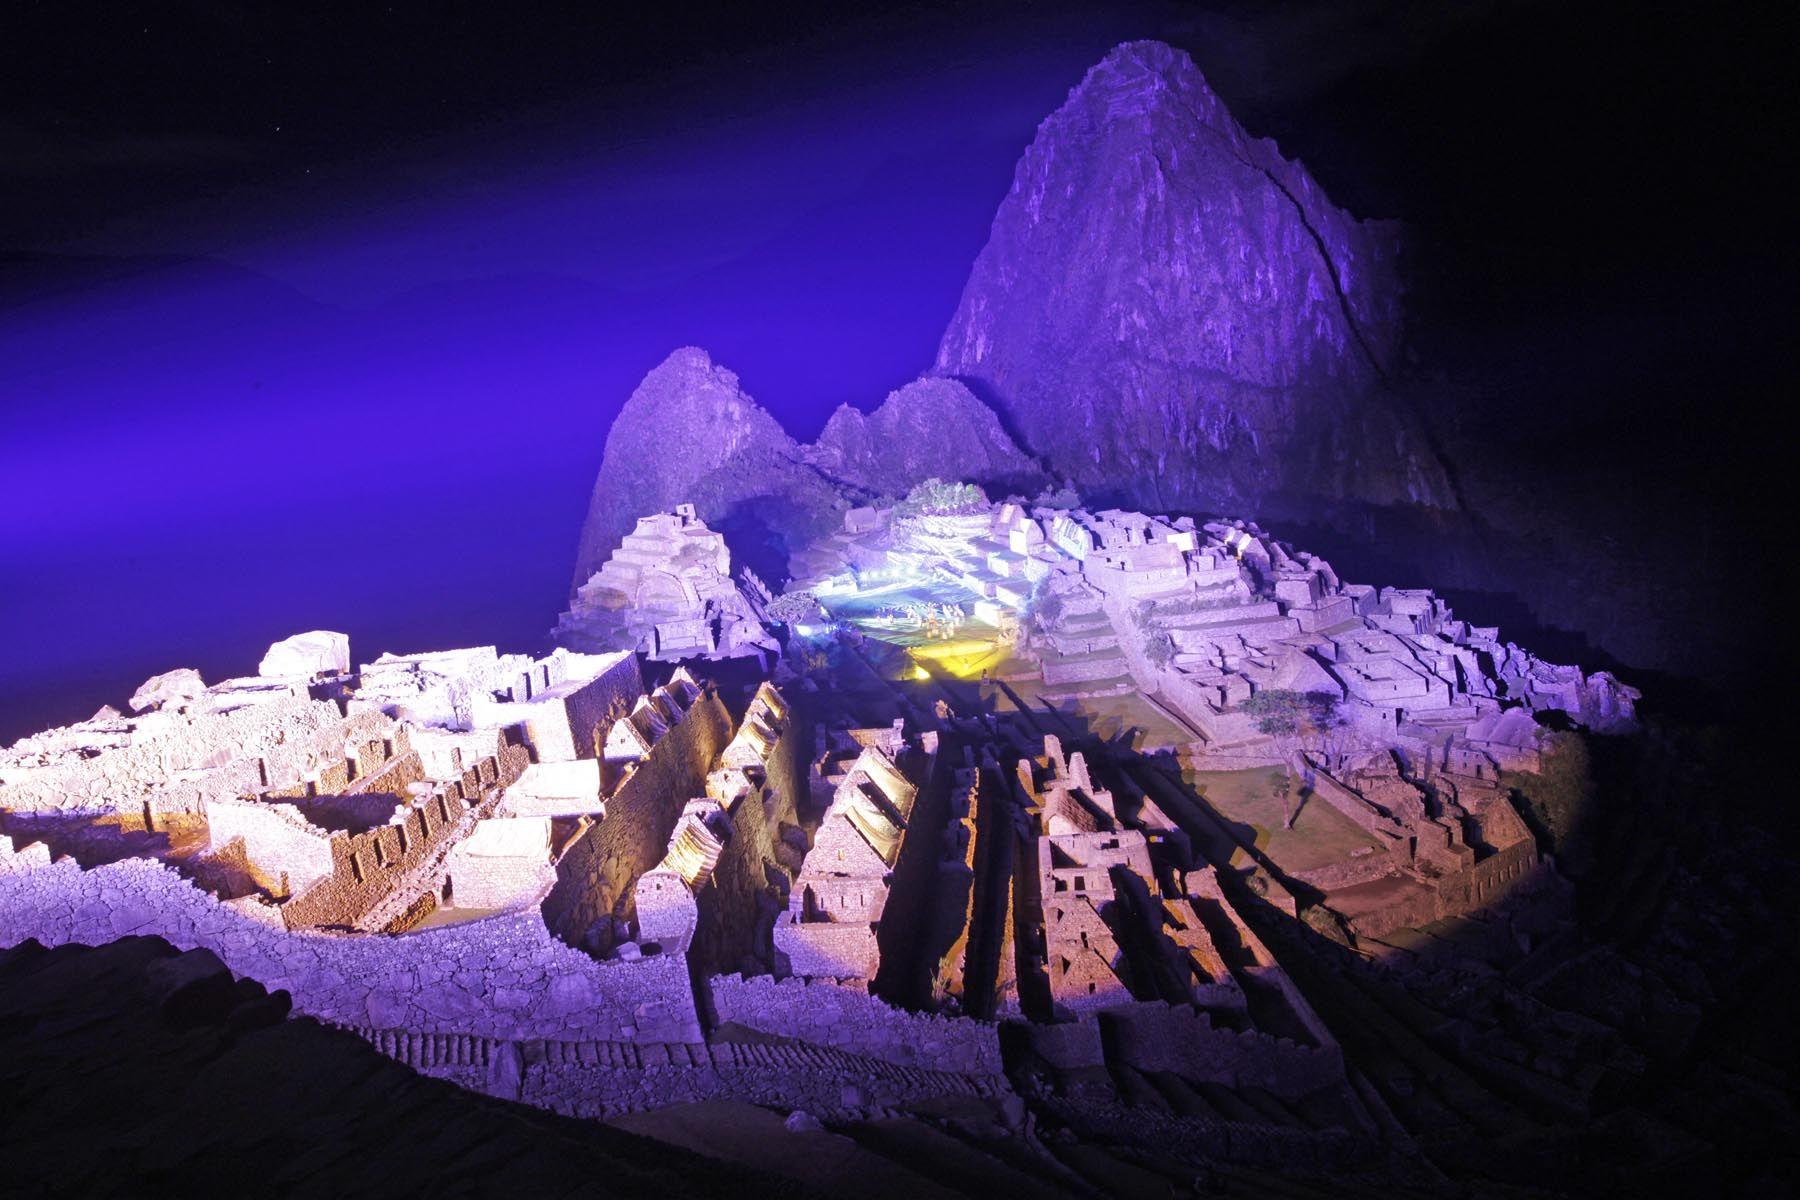 Impresionante iluminación sobre la ciudadela de Machu Picchu durante las celebraciones por los Cien Años de su descubrimiento al mundo. Foto: ANDINA/Alberto Orbegoso